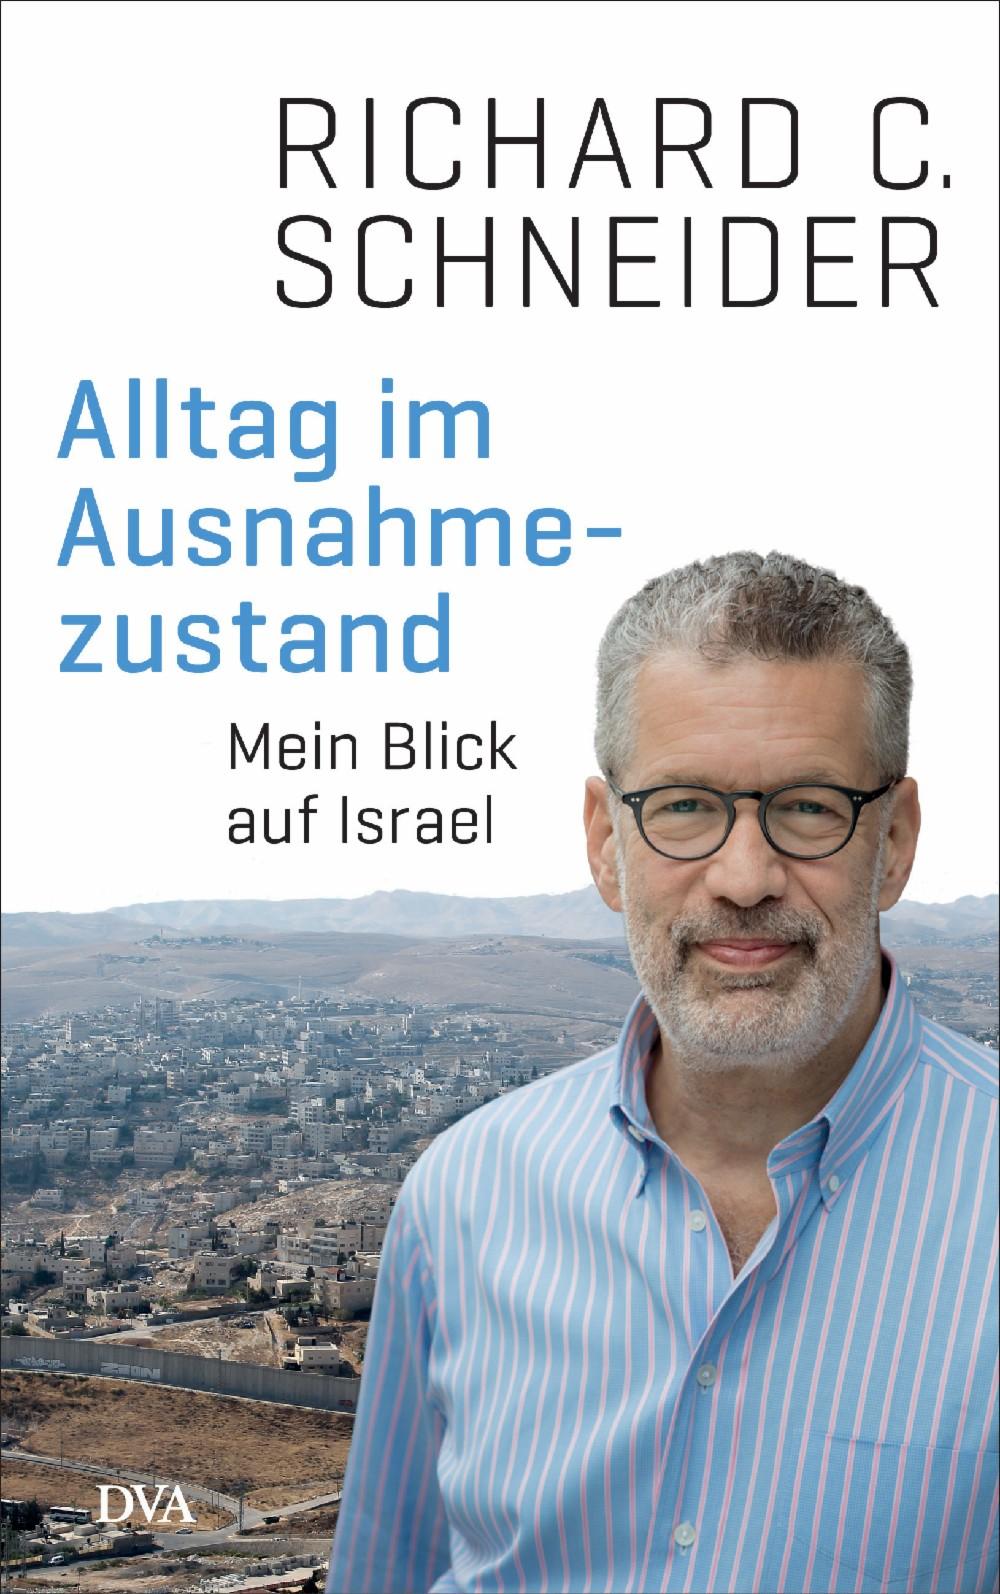 In-dem-buch-alltag-im-ausnahmezustand-blickt-der-filmemacher-und-autor-richard-c-schneider-auf das-leben-in-israel